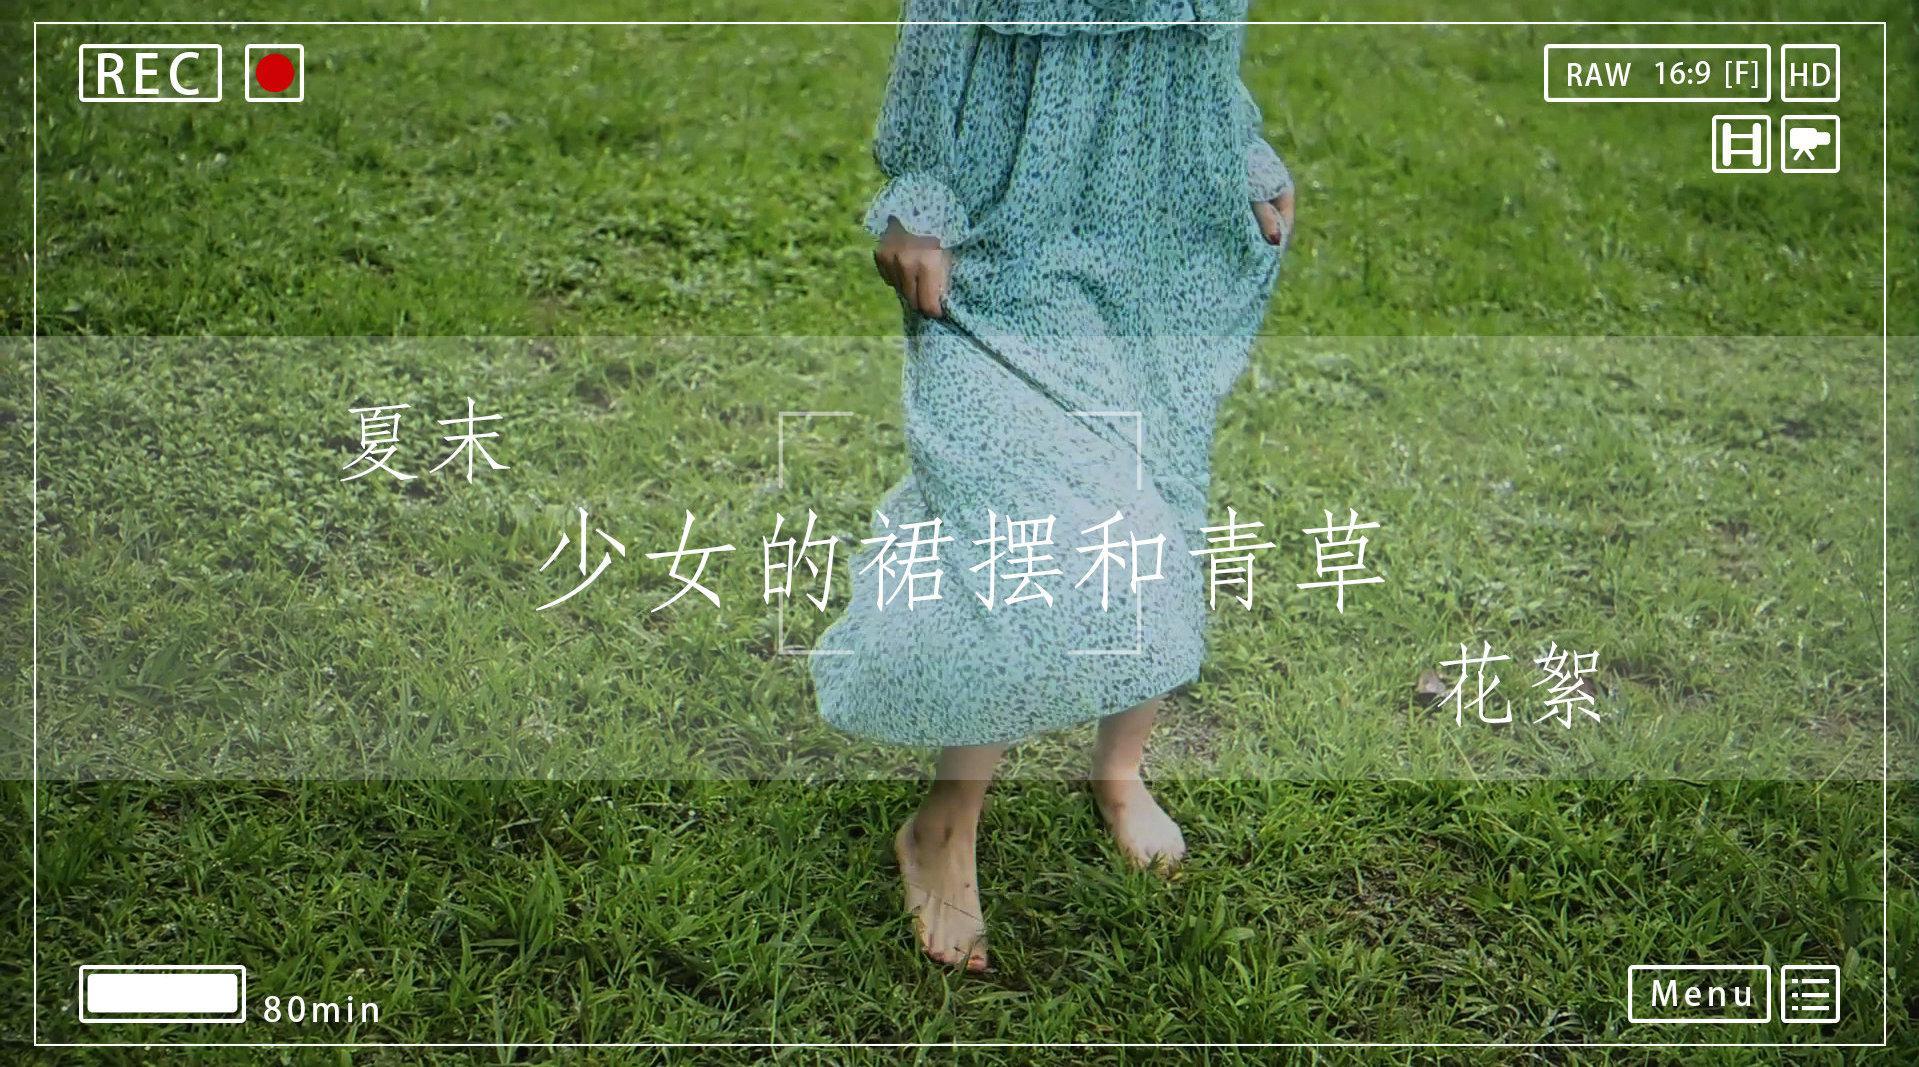 夏末/少女的裙摆和青草 拍摄花絮